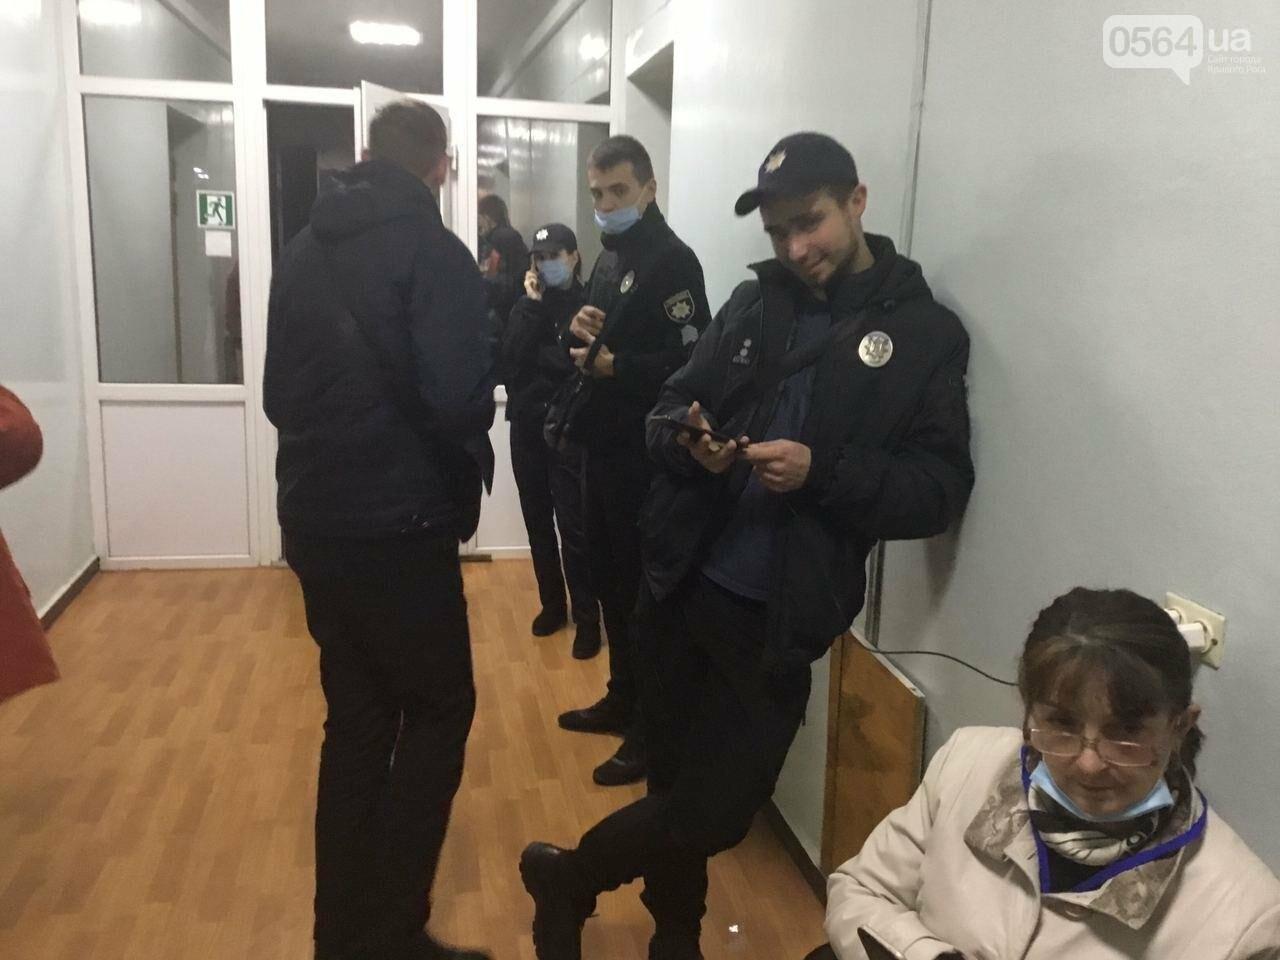 Криворожская городская избирательная комиссия приняла протоколы от более 25% УИК, - ФОТО, фото-5